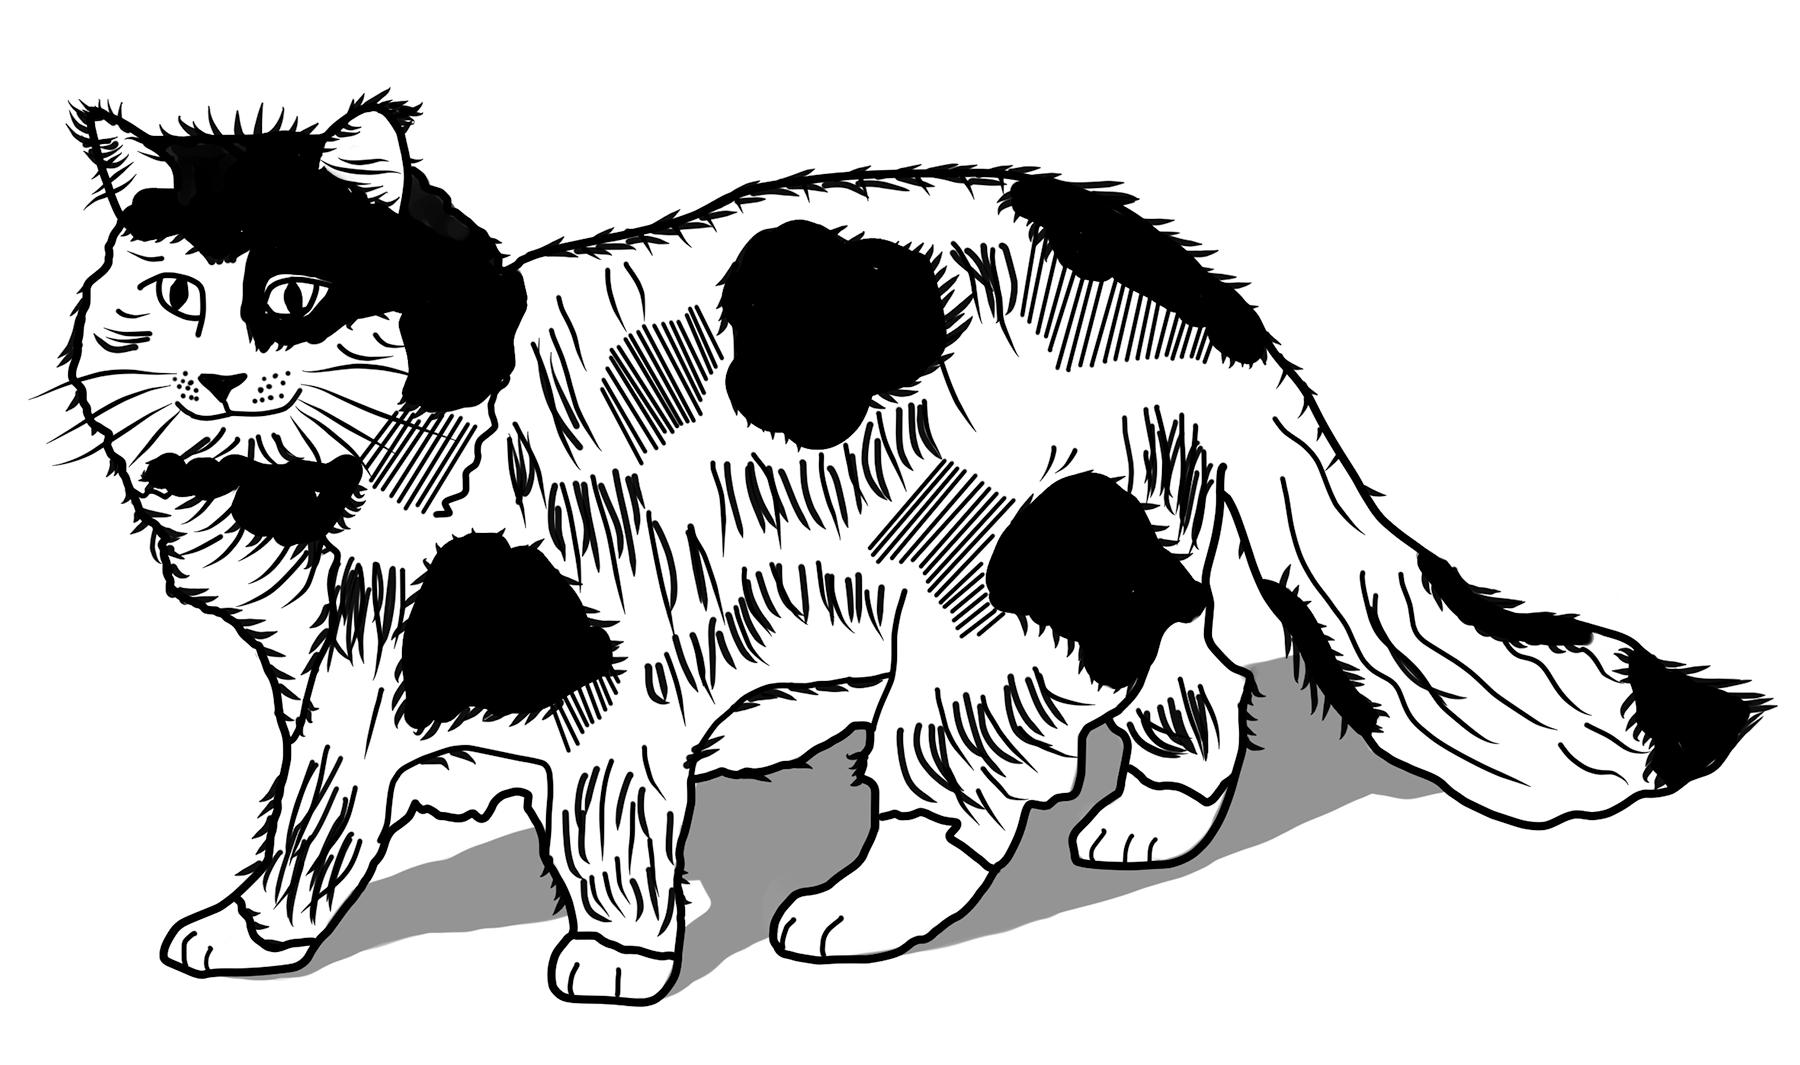 cat.tif